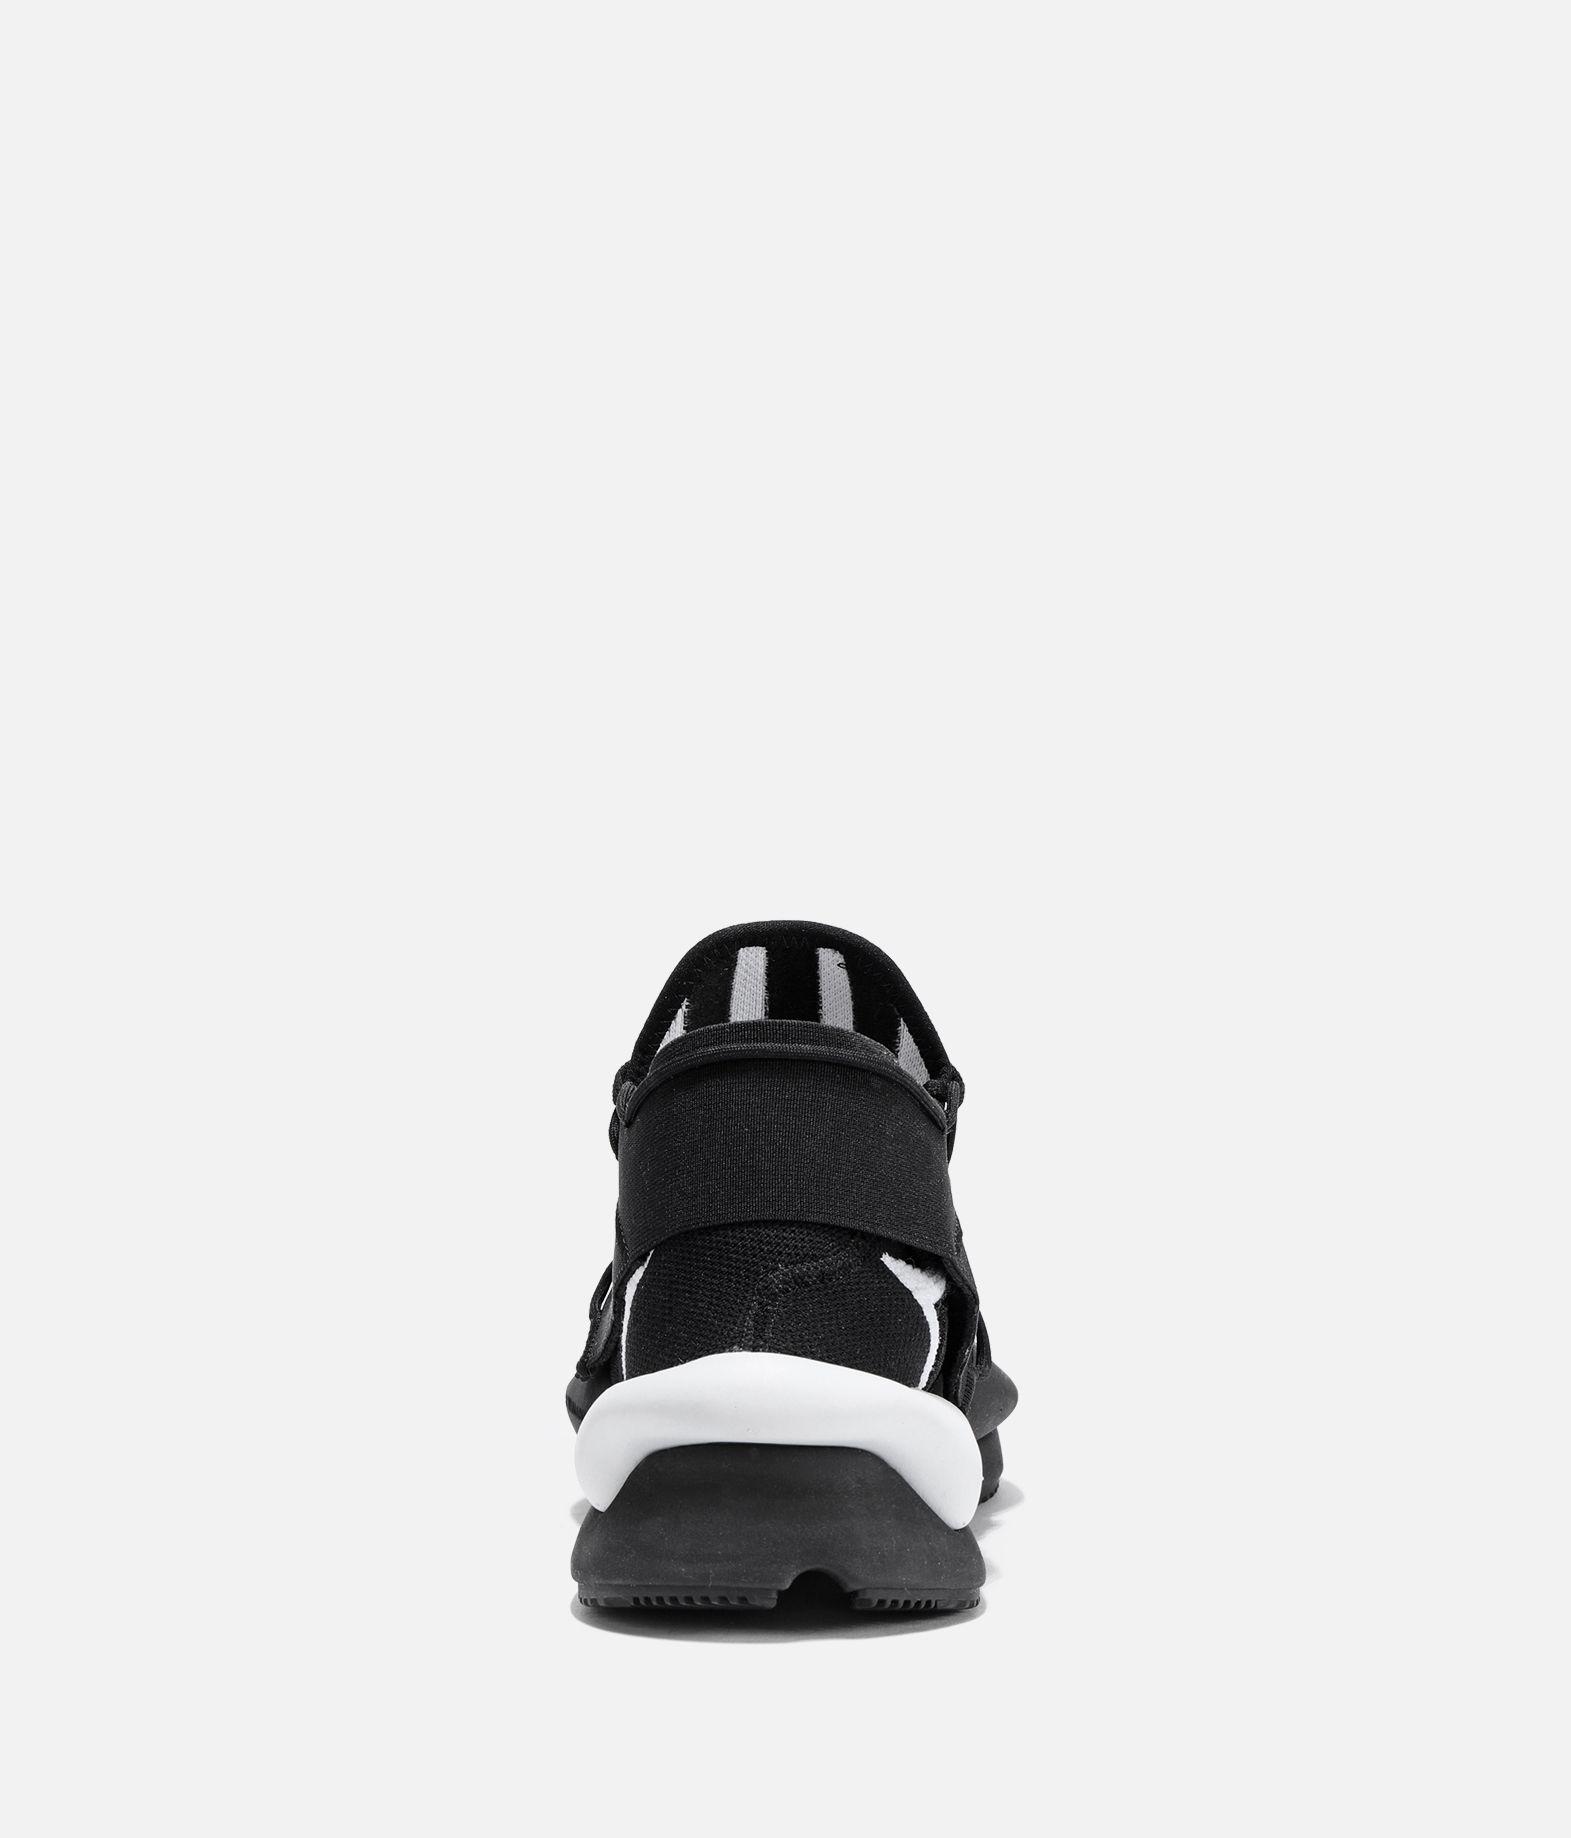 Y-3 Y-3 Kaiwa Knit Sneakers E r